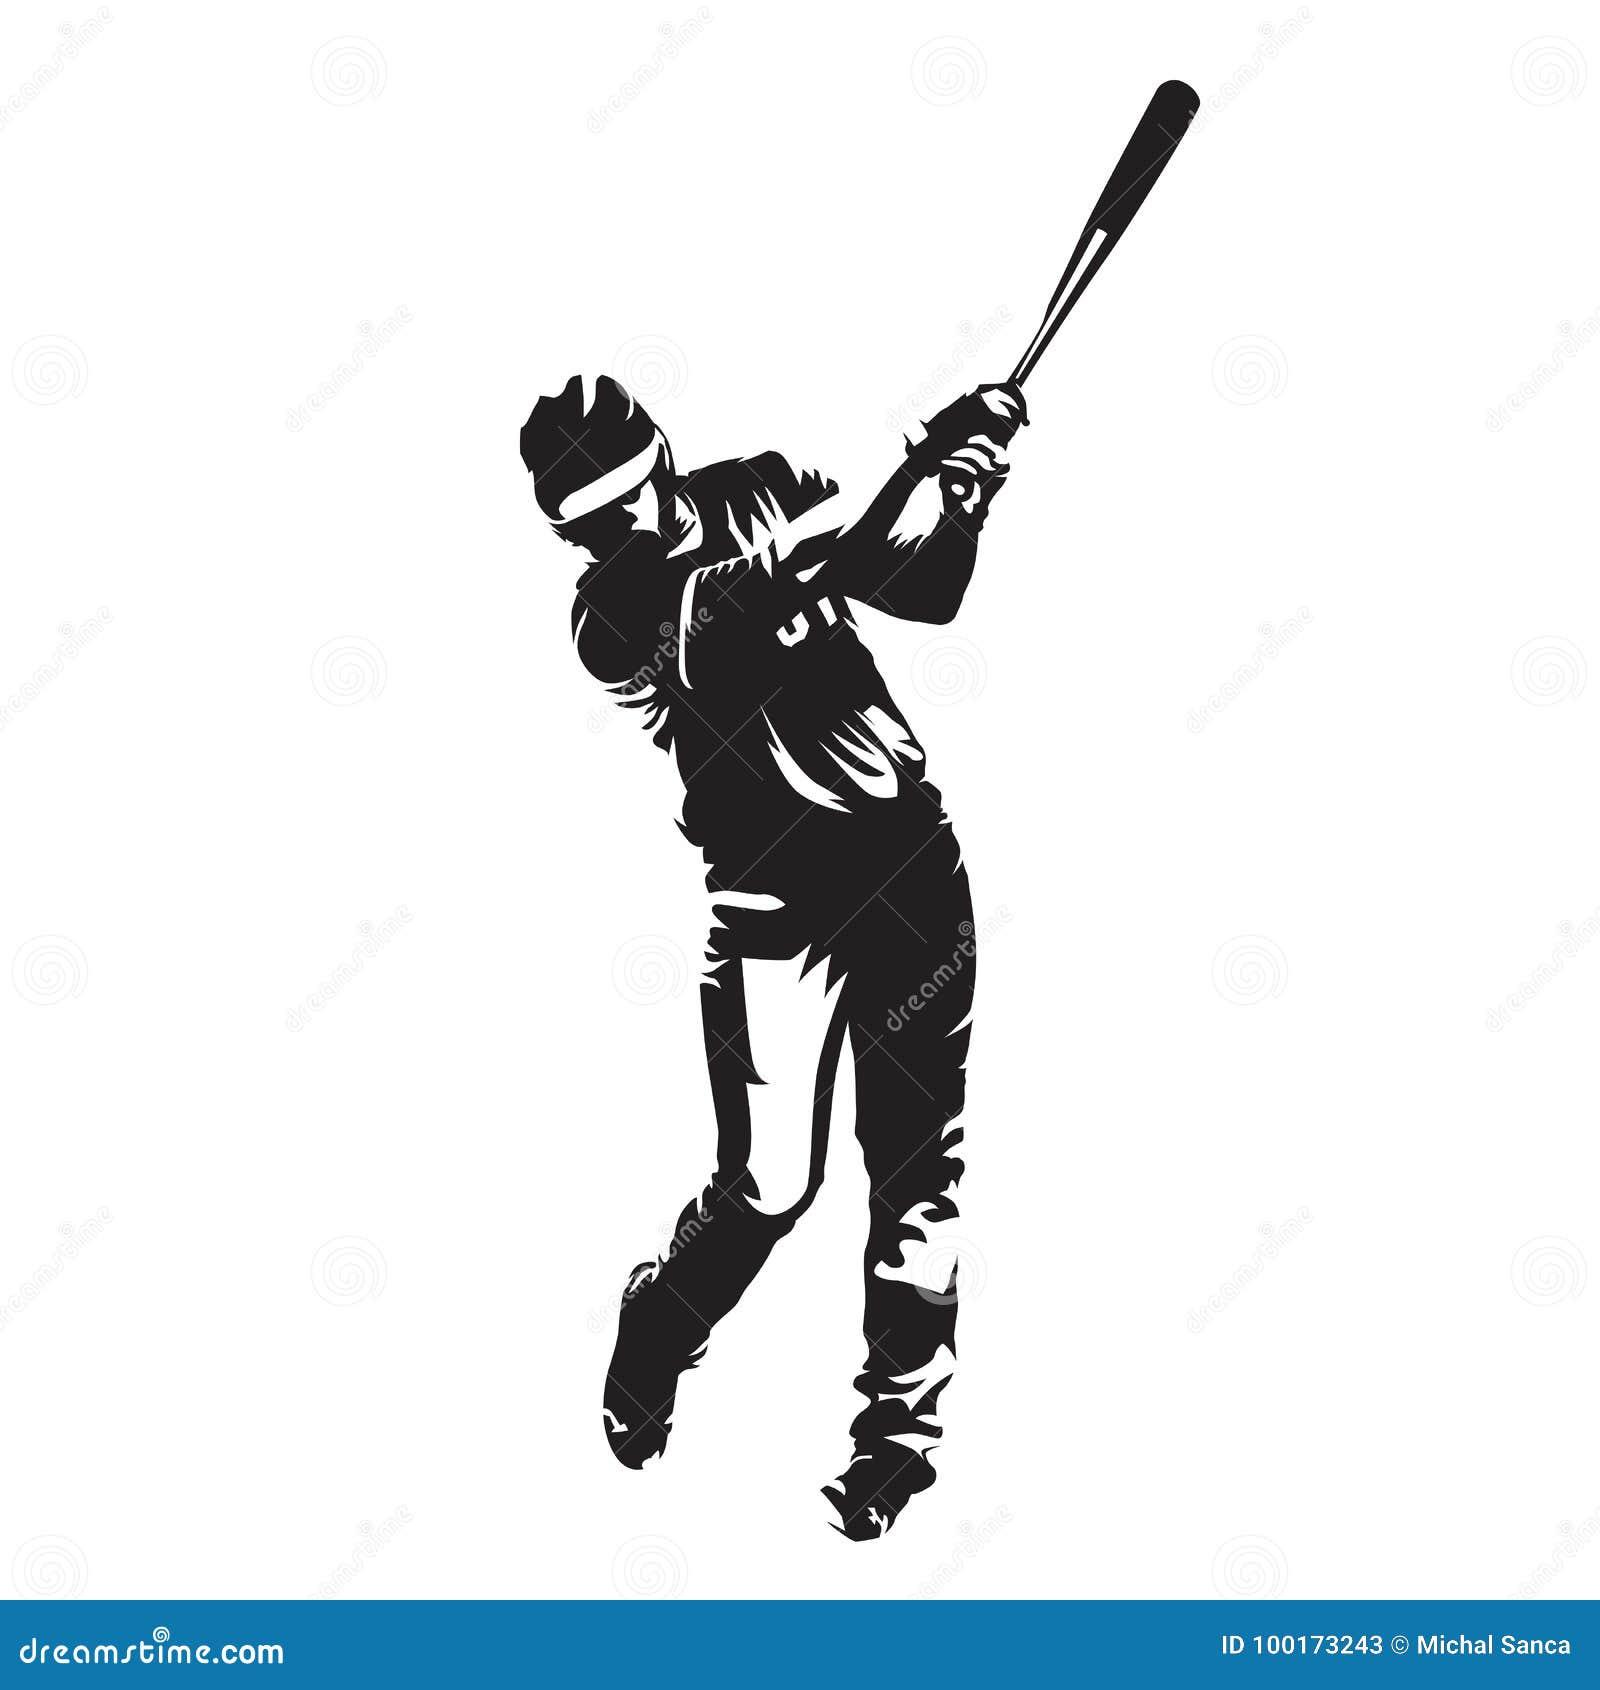 Κτύπημα παιχτών του μπέιζμπολ, διανυσματική σκιαγραφία